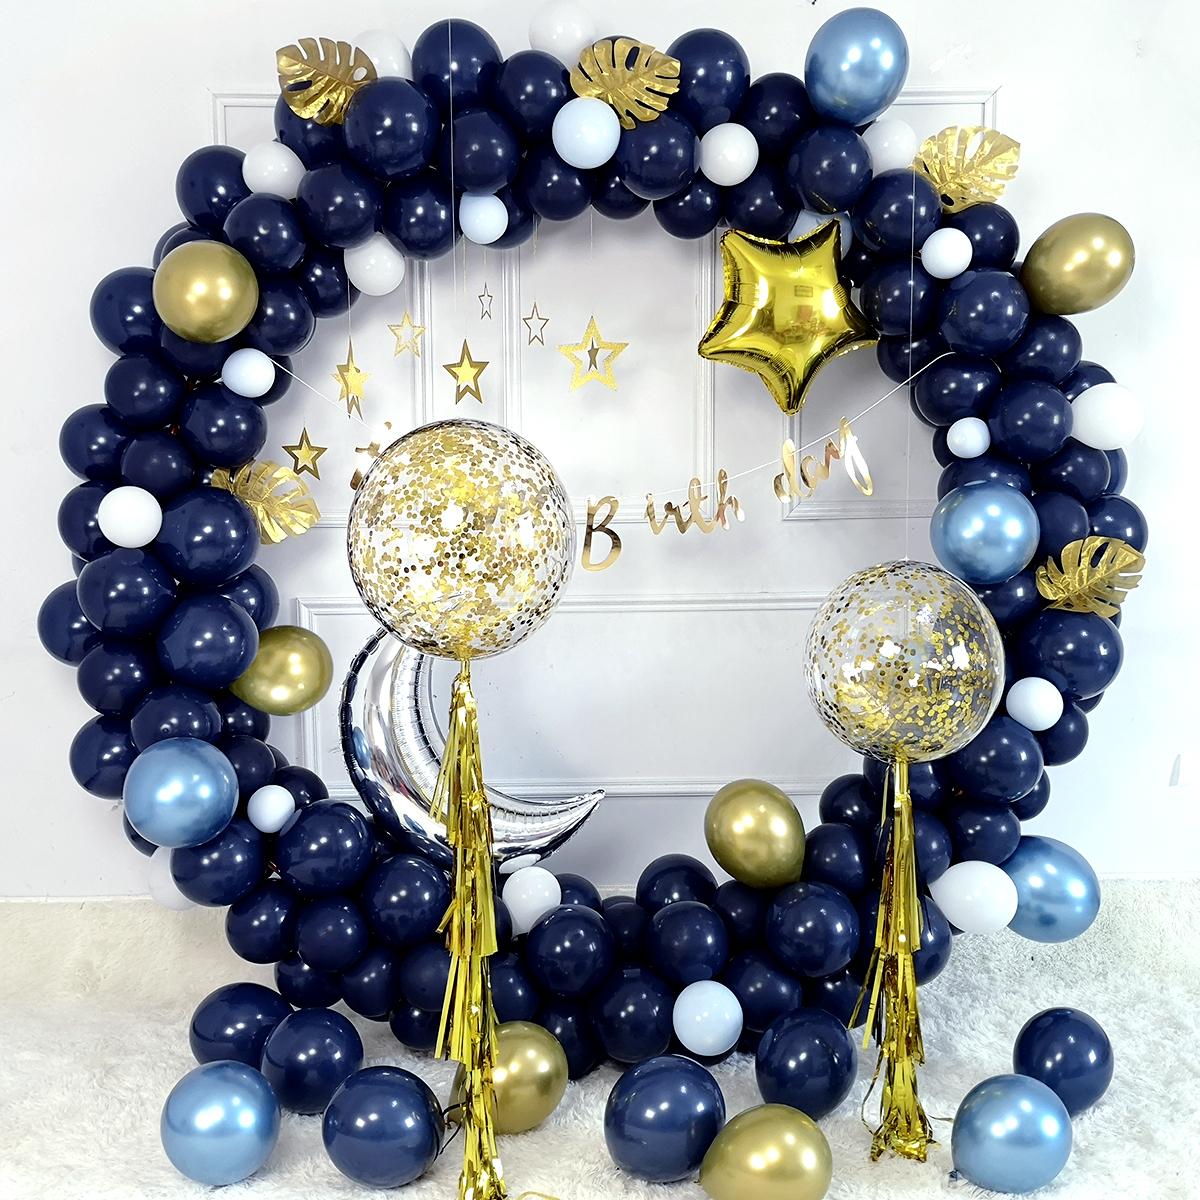 Воздушные шары / Насосы для воздушных шаров / Гелий Артикул 594803291382